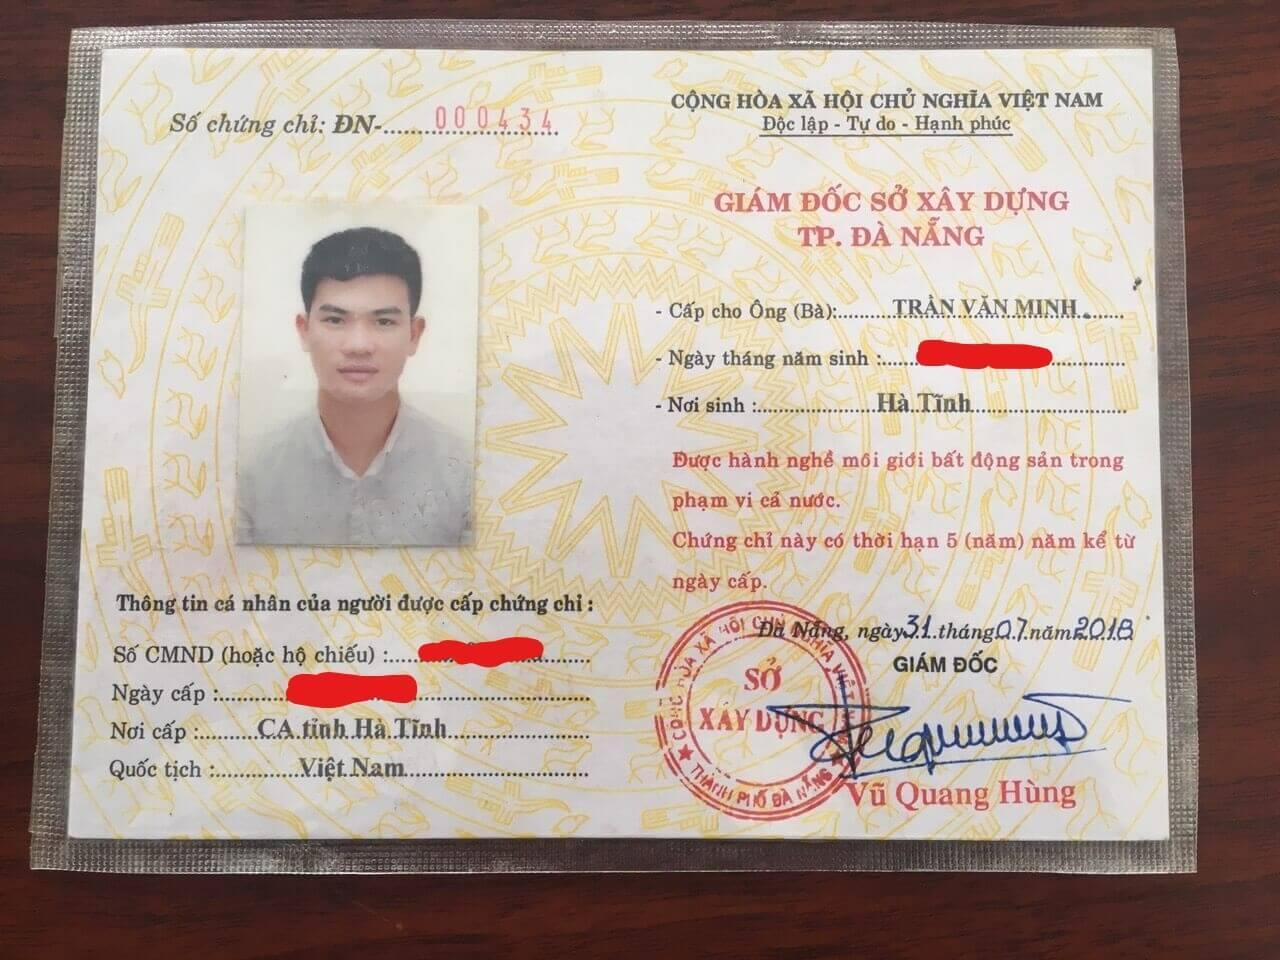 Trần Minh BĐS - Chứng chỉ hành nghề môi giới BĐS